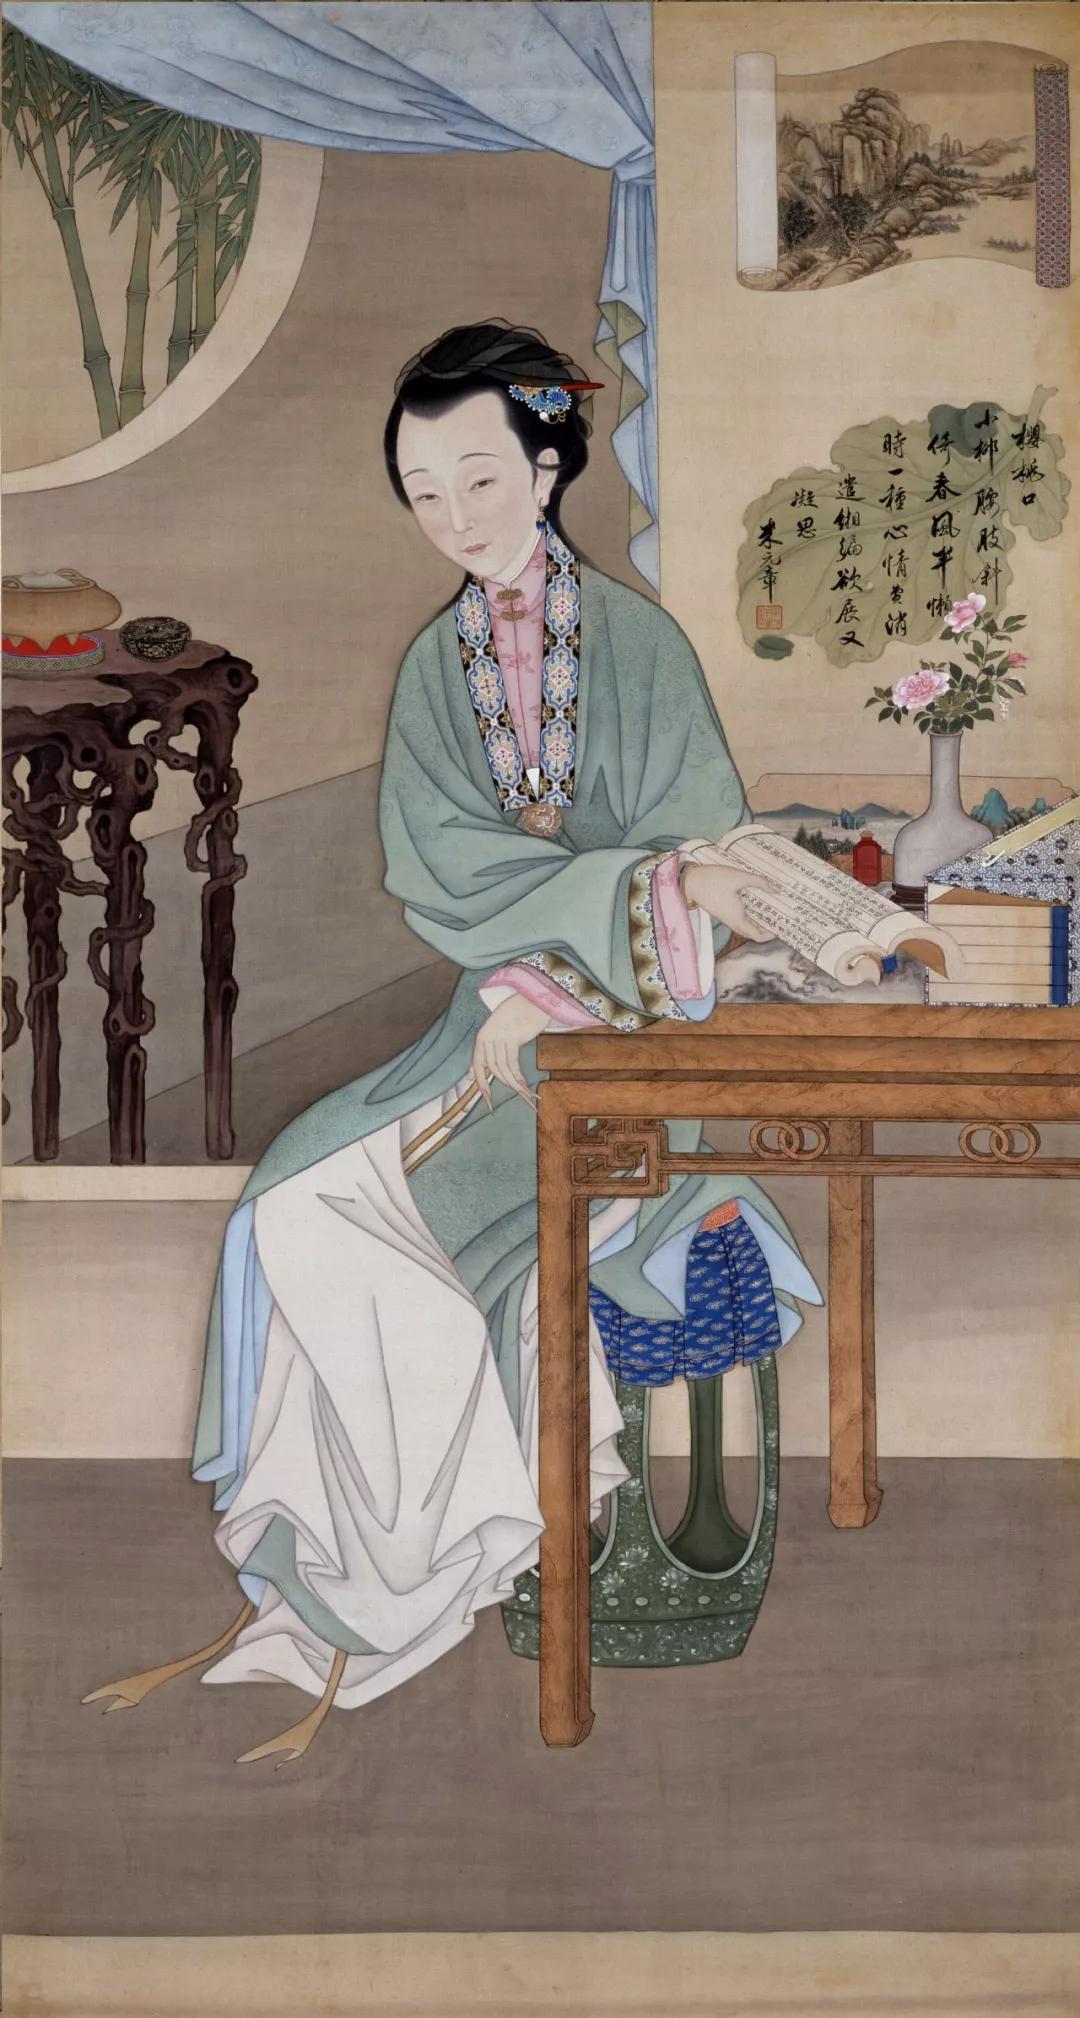 清朝宫廷的美女,原来是这般的模